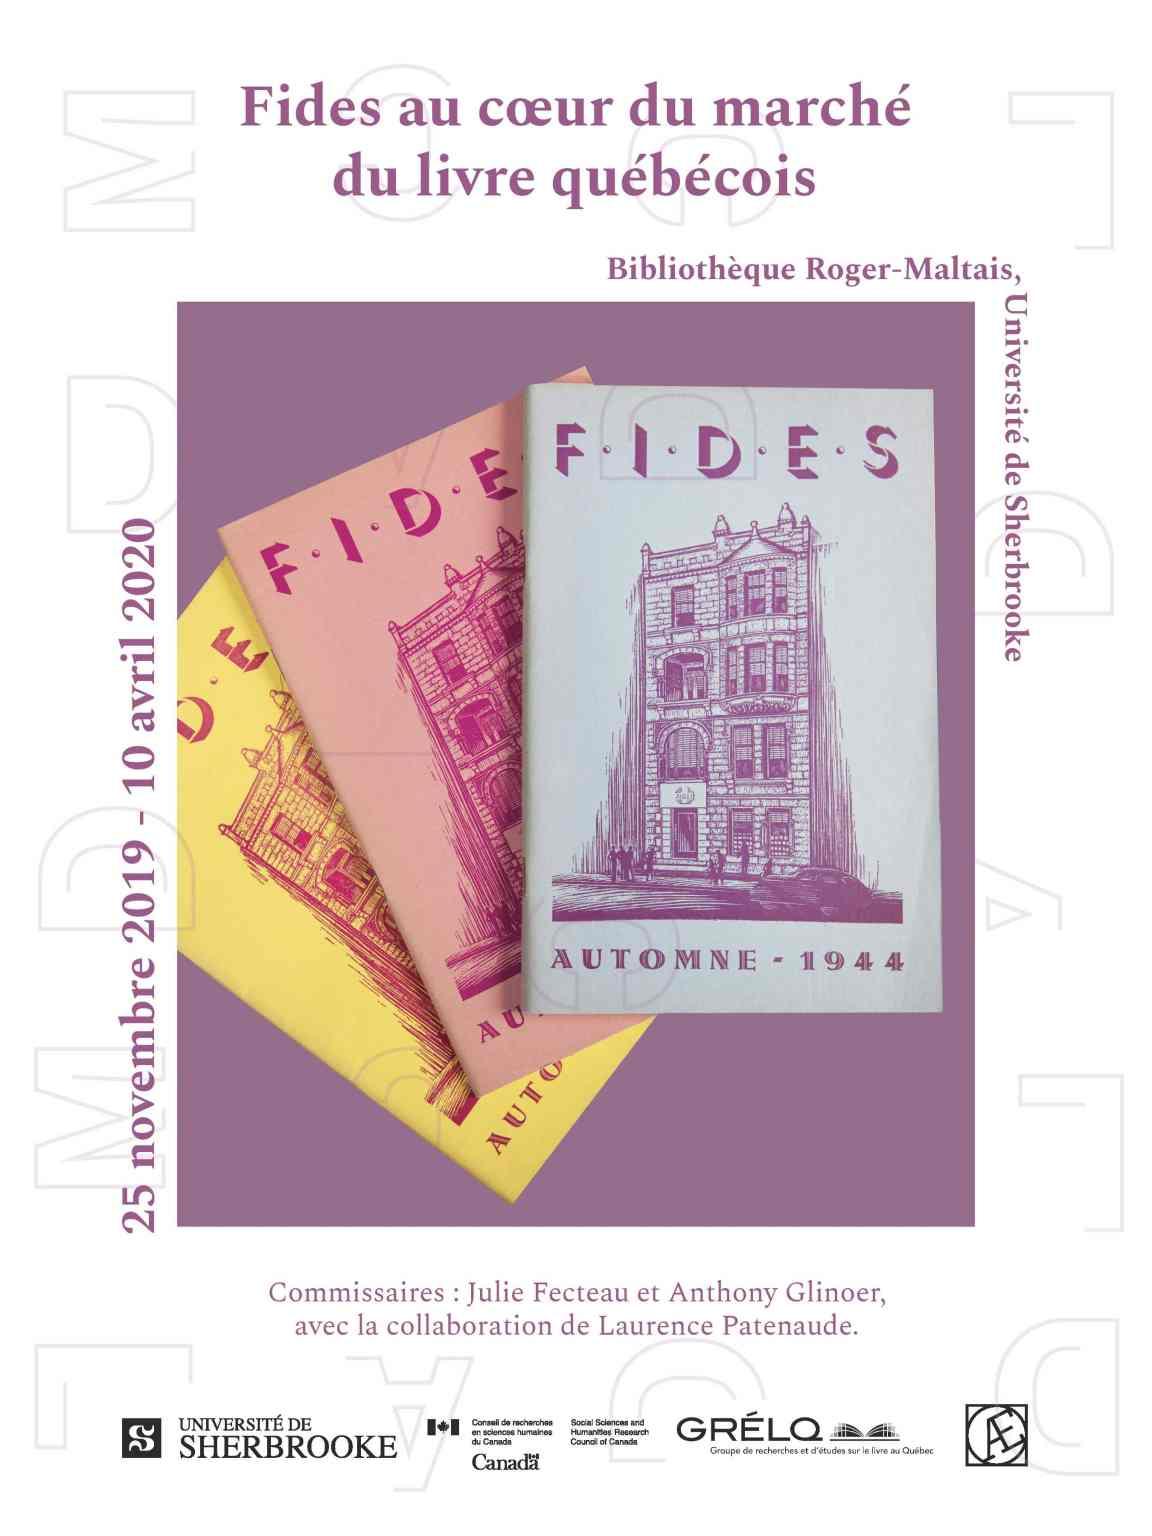 Fides au cœur du marché du livre québécois